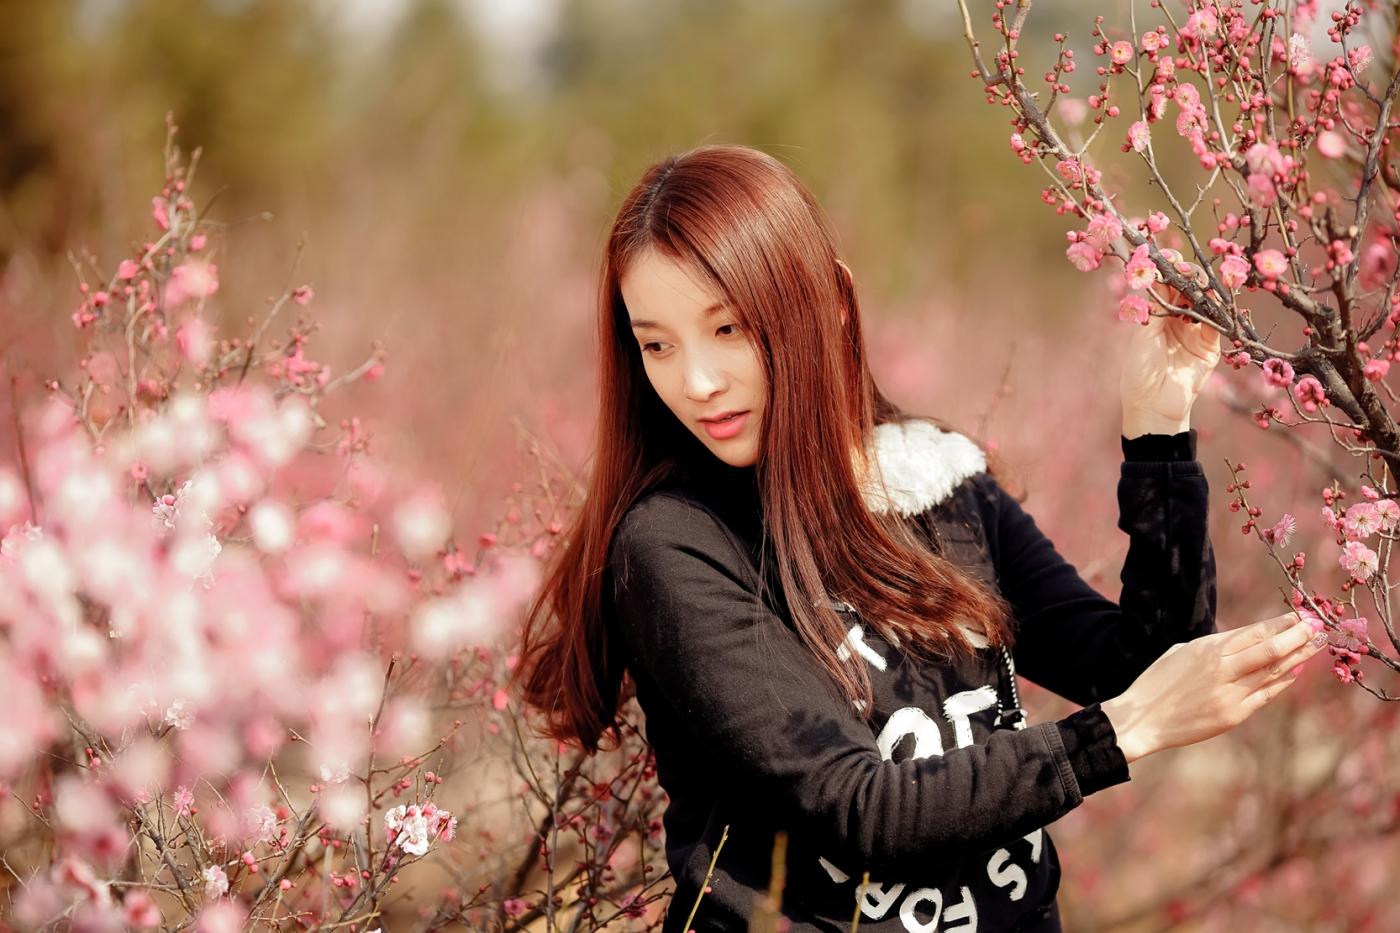 费县的春天从鲜花烂漫的梅林和女孩张诗奇的偶遇开始_图1-5